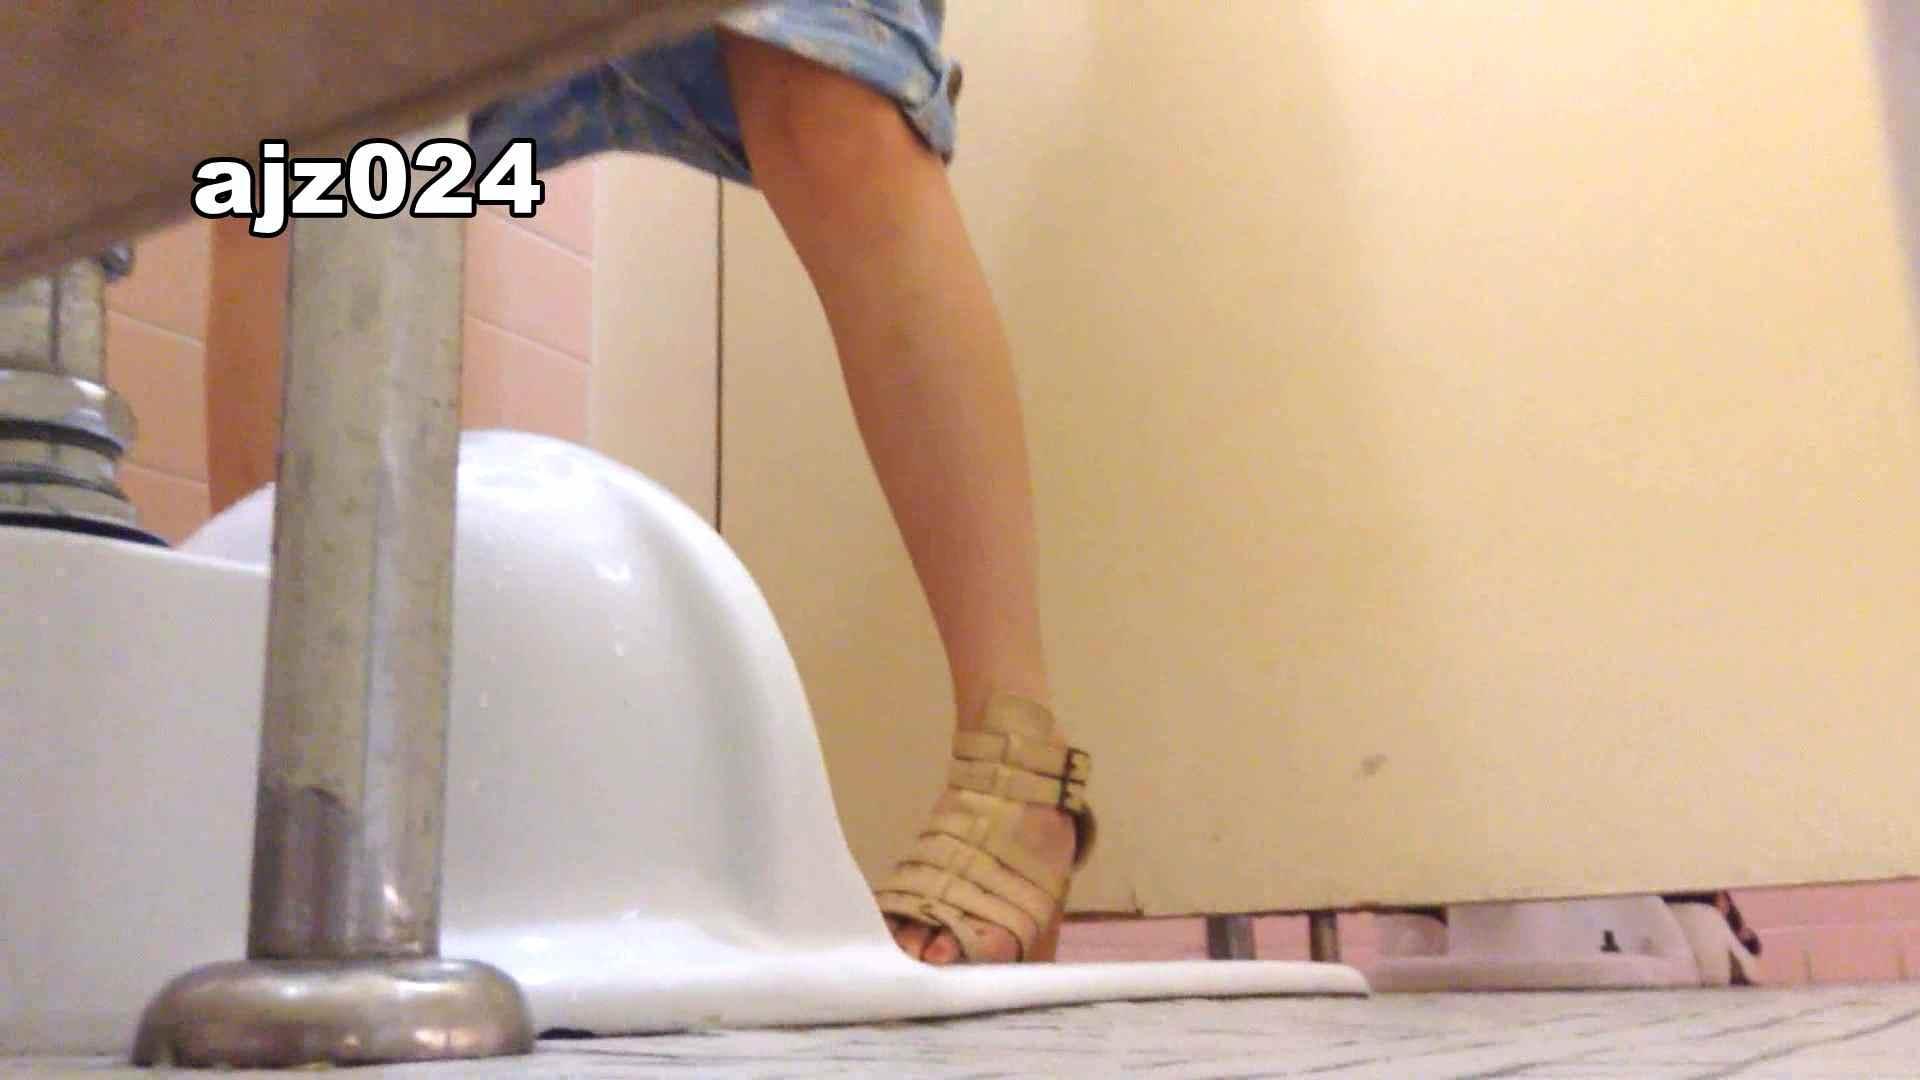 某有名大学女性洗面所 vol.24 排泄 スケベ動画紹介 56PIX 53